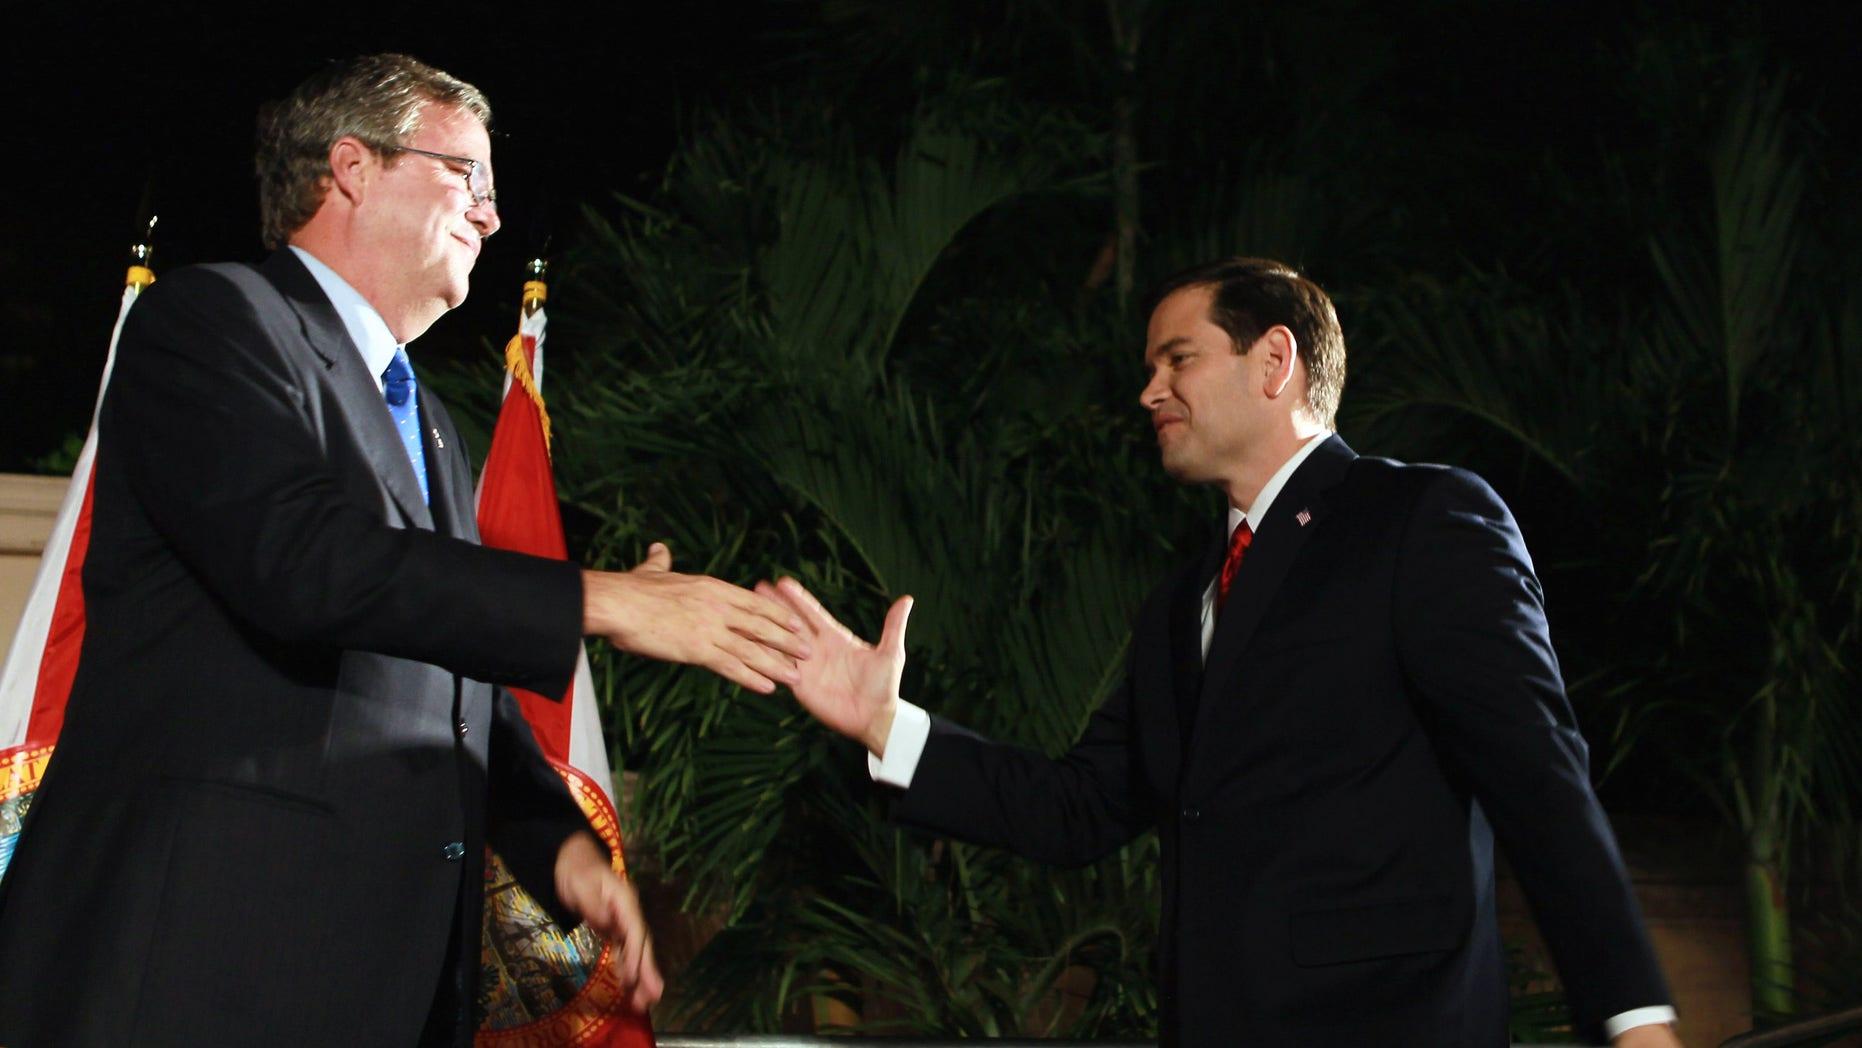 U.S. Senator Marco Rubio and former Governor of Florida Jeb Bush in a November 2010 file photo.